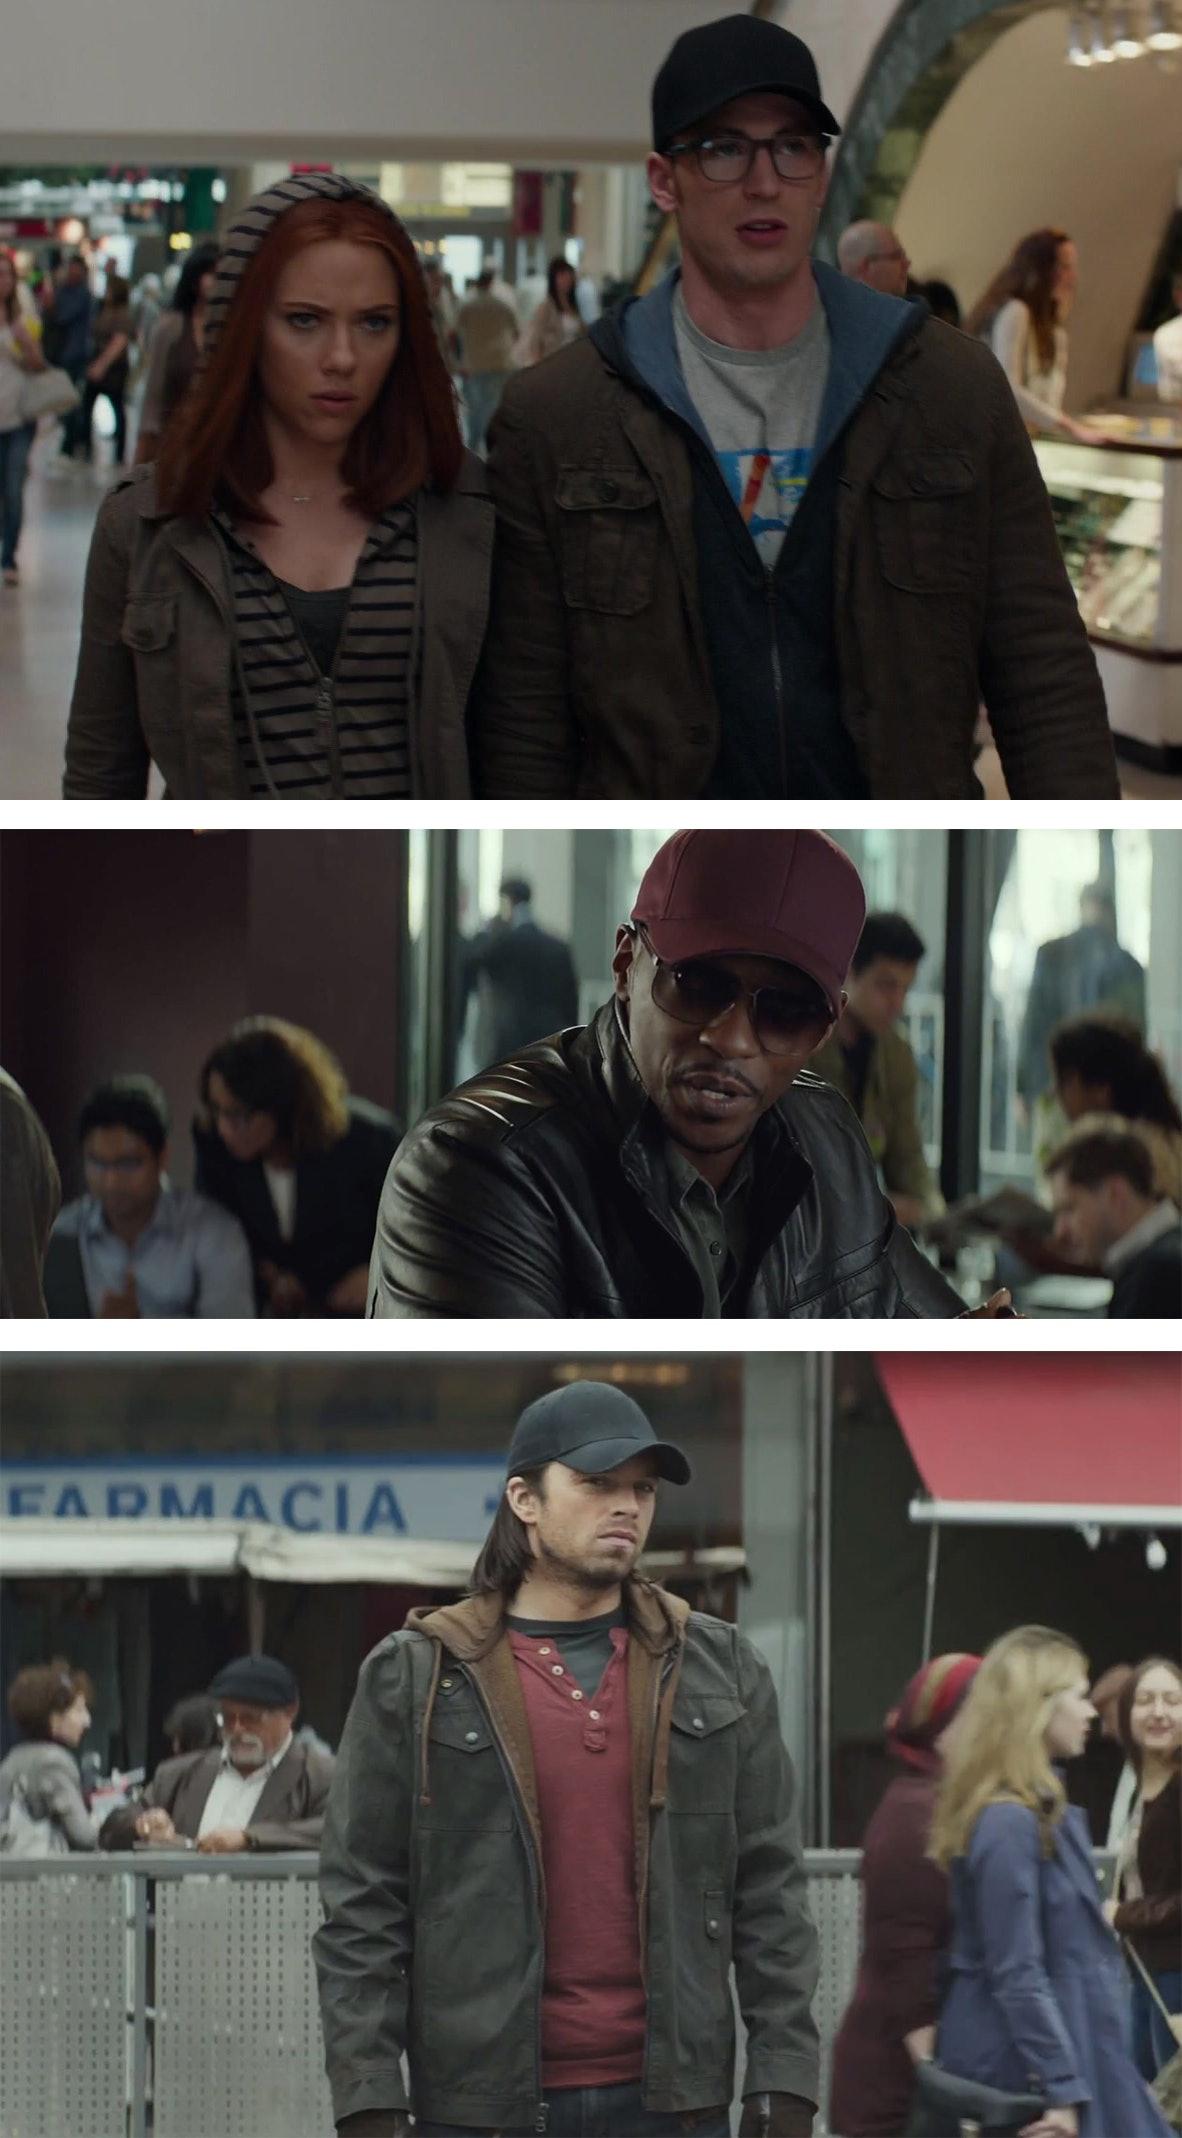 Captain America sucks at disguises.